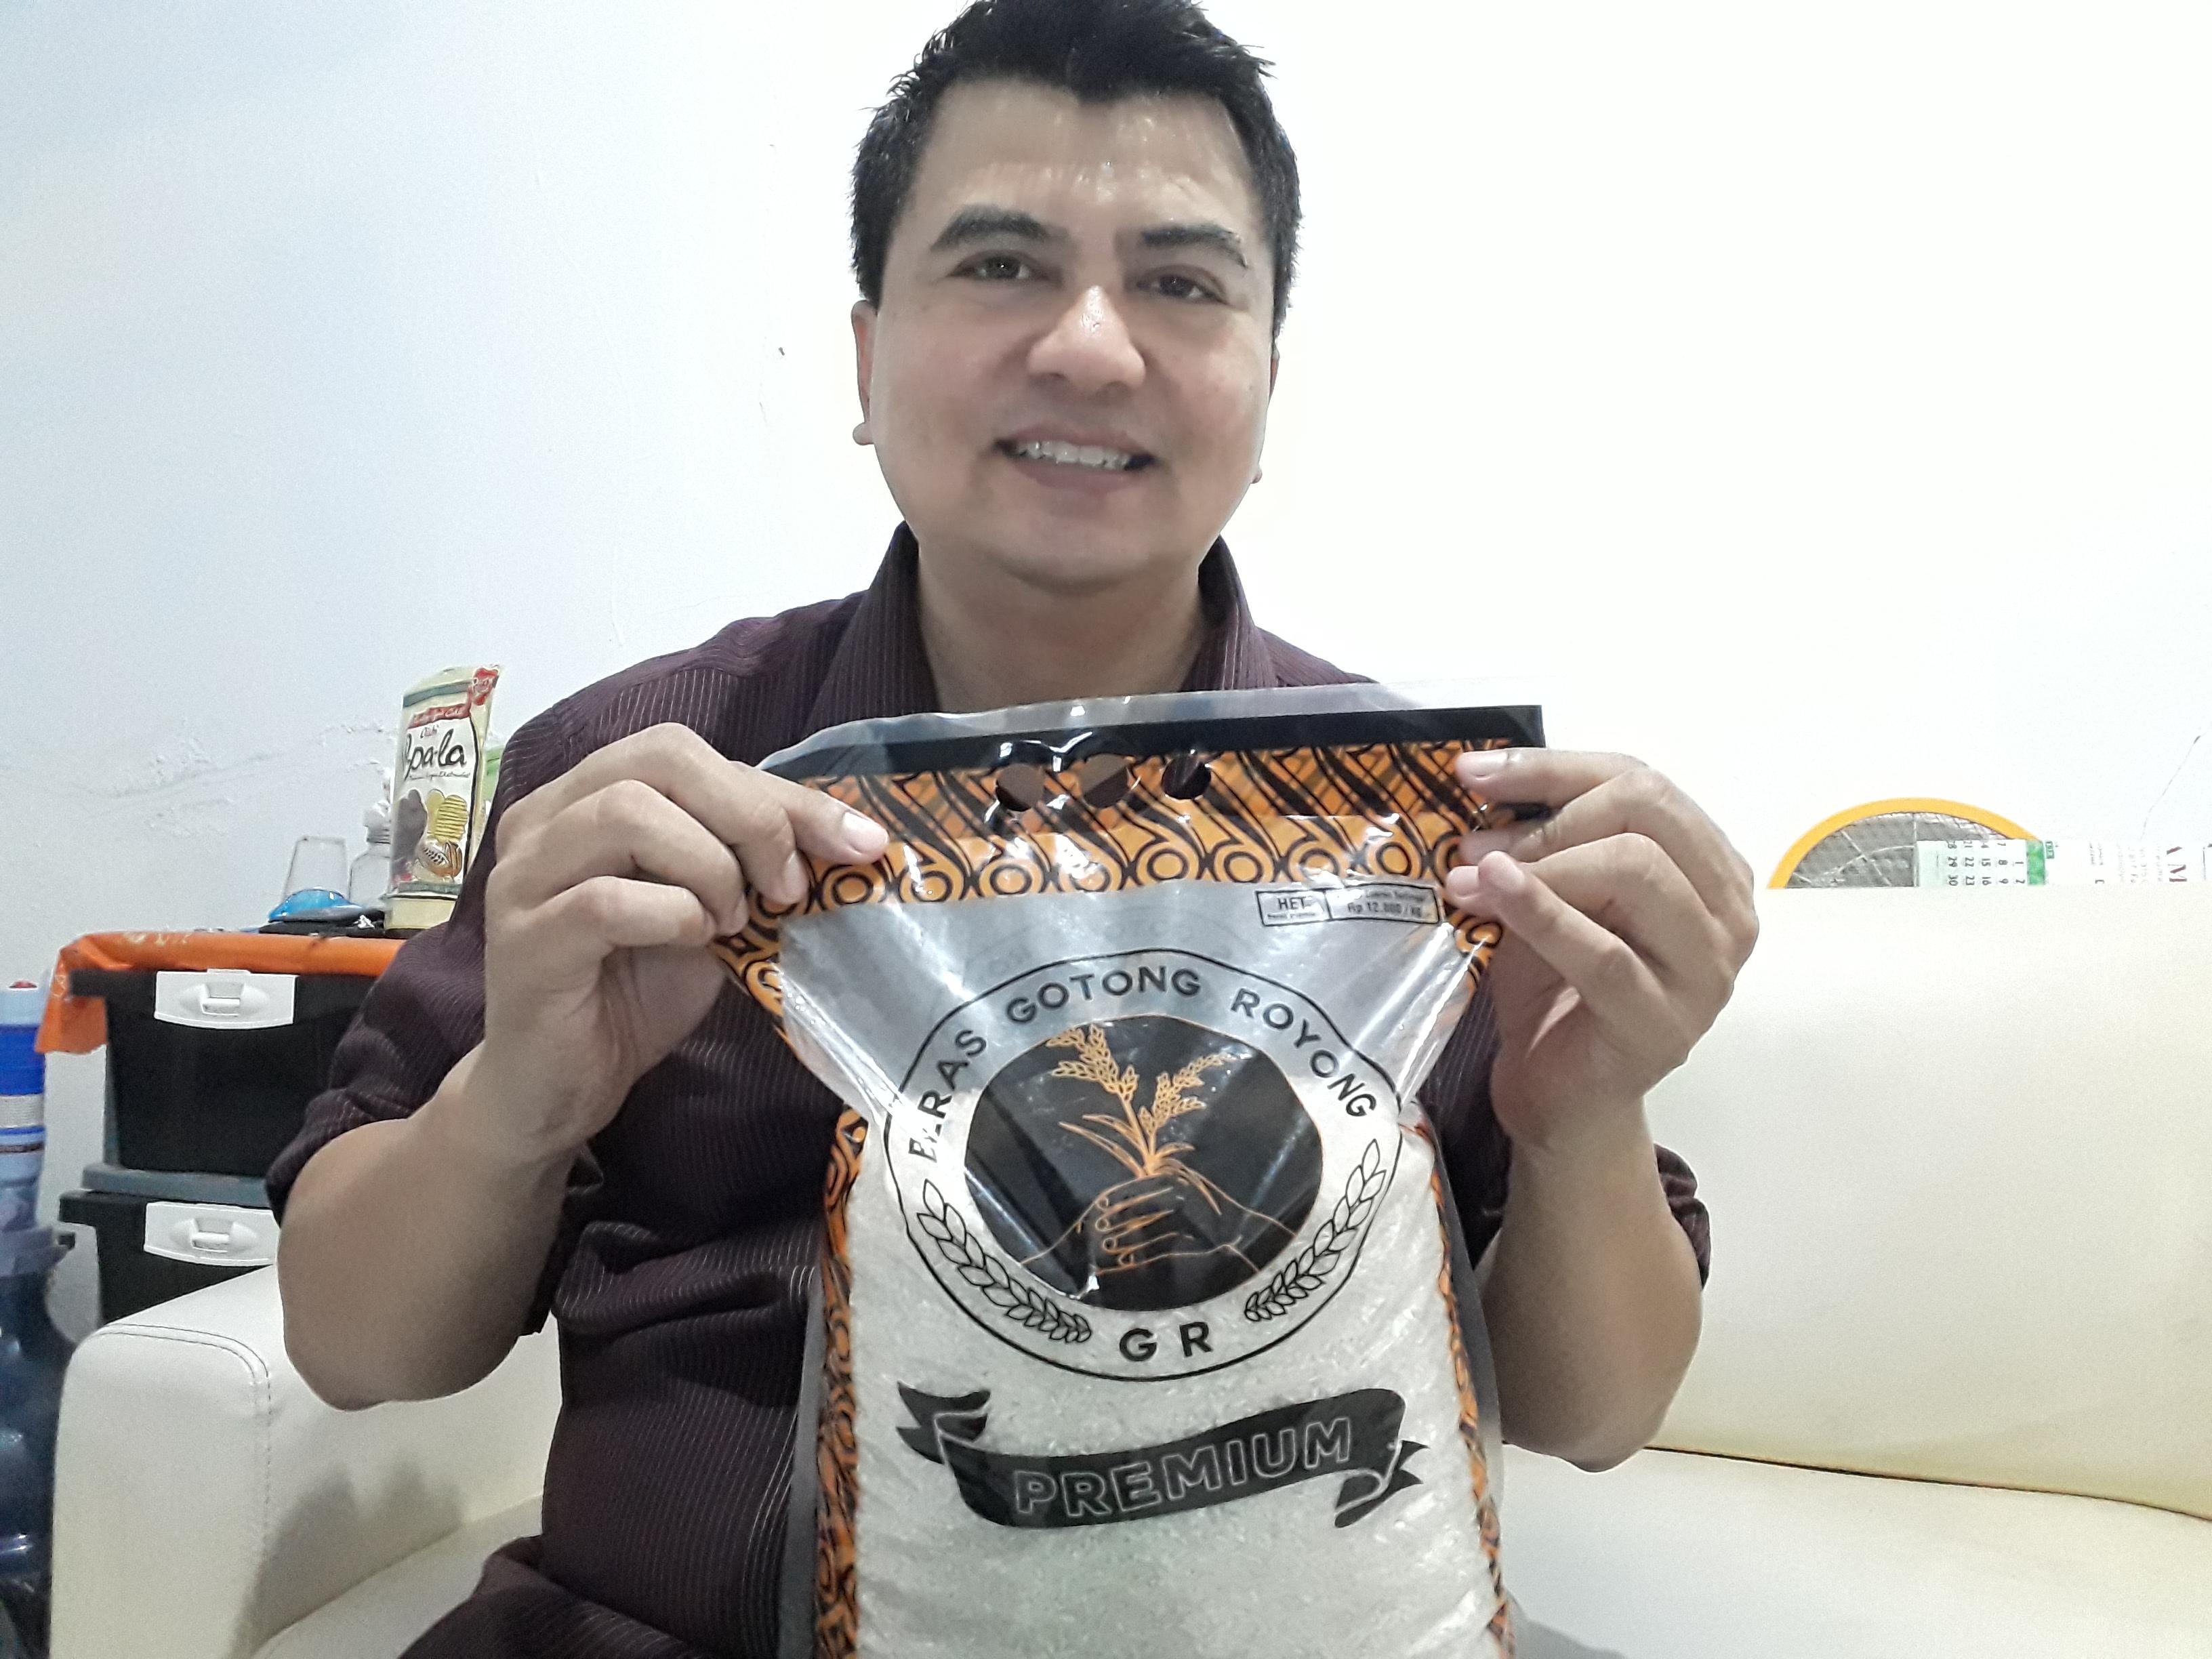 Bisnis Sampingan Beras Online Merk Gotong Royong PT ISC di Jakarta